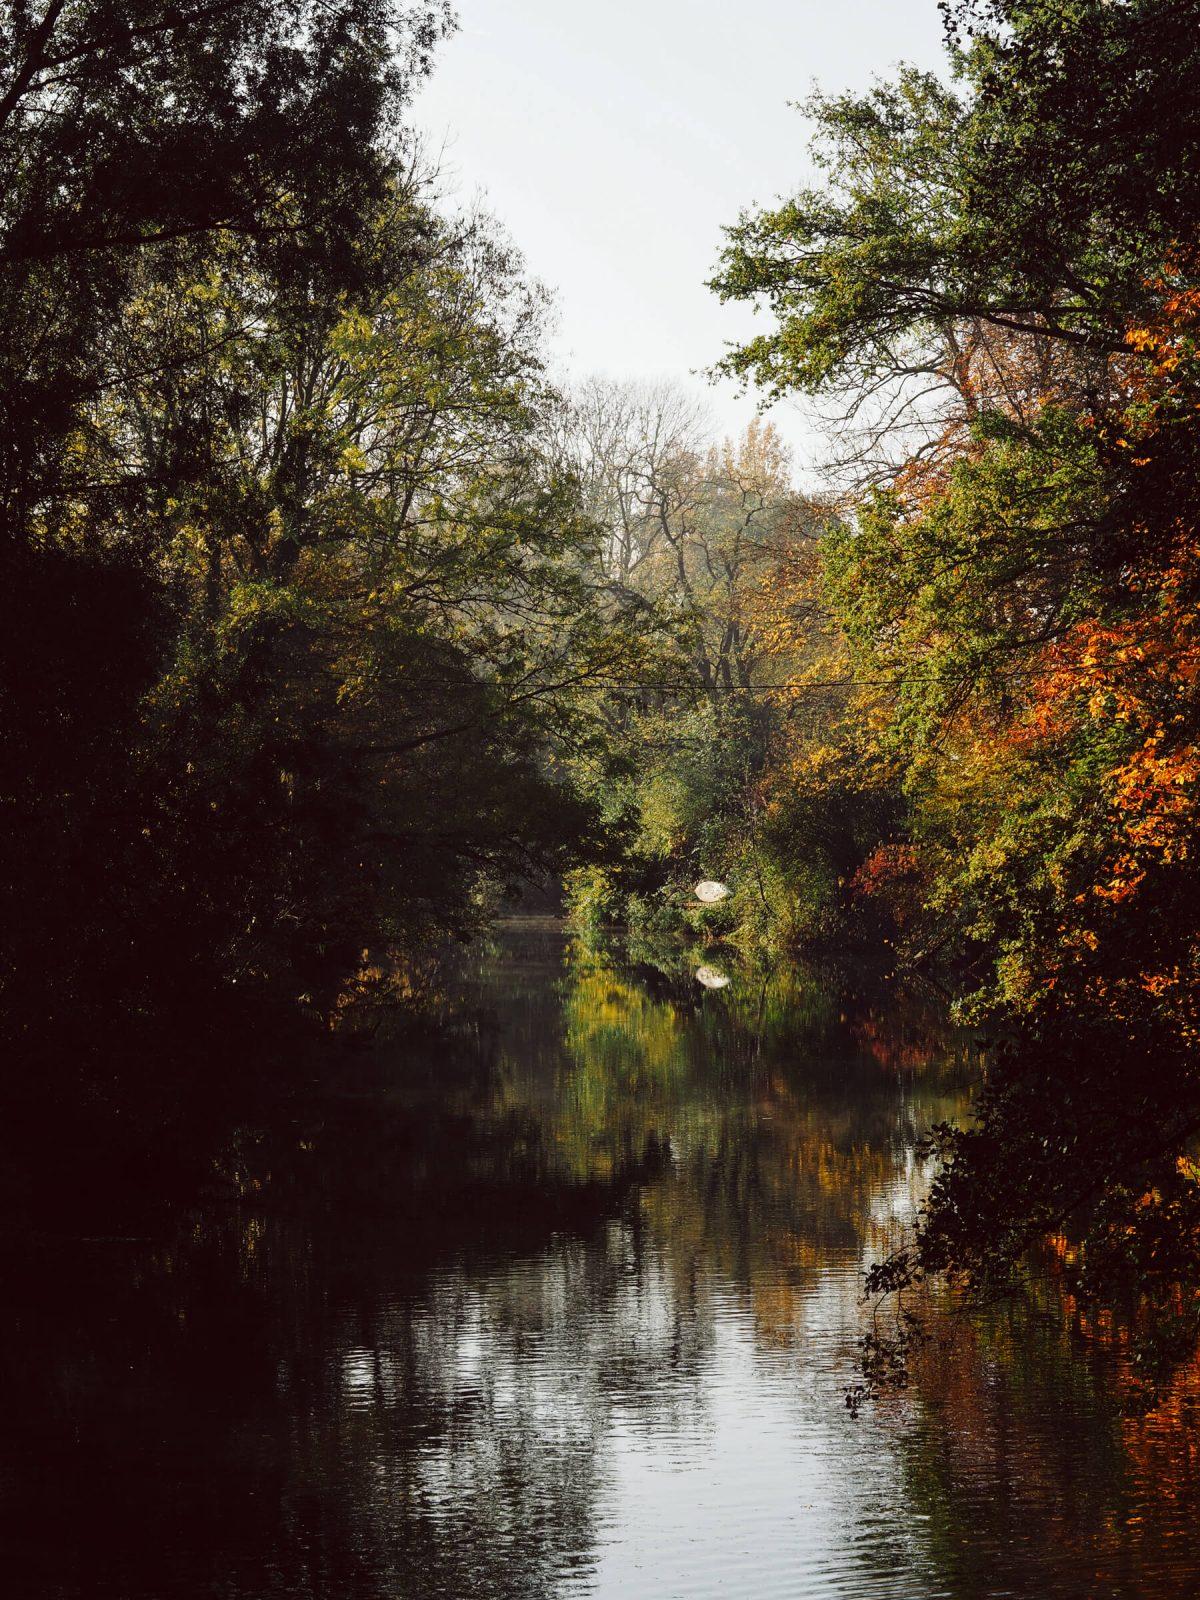 Herbststimmung, goldener Herbst, Natur, Gemütlichkeit, Nebel, Blätter, Wasser, Bach